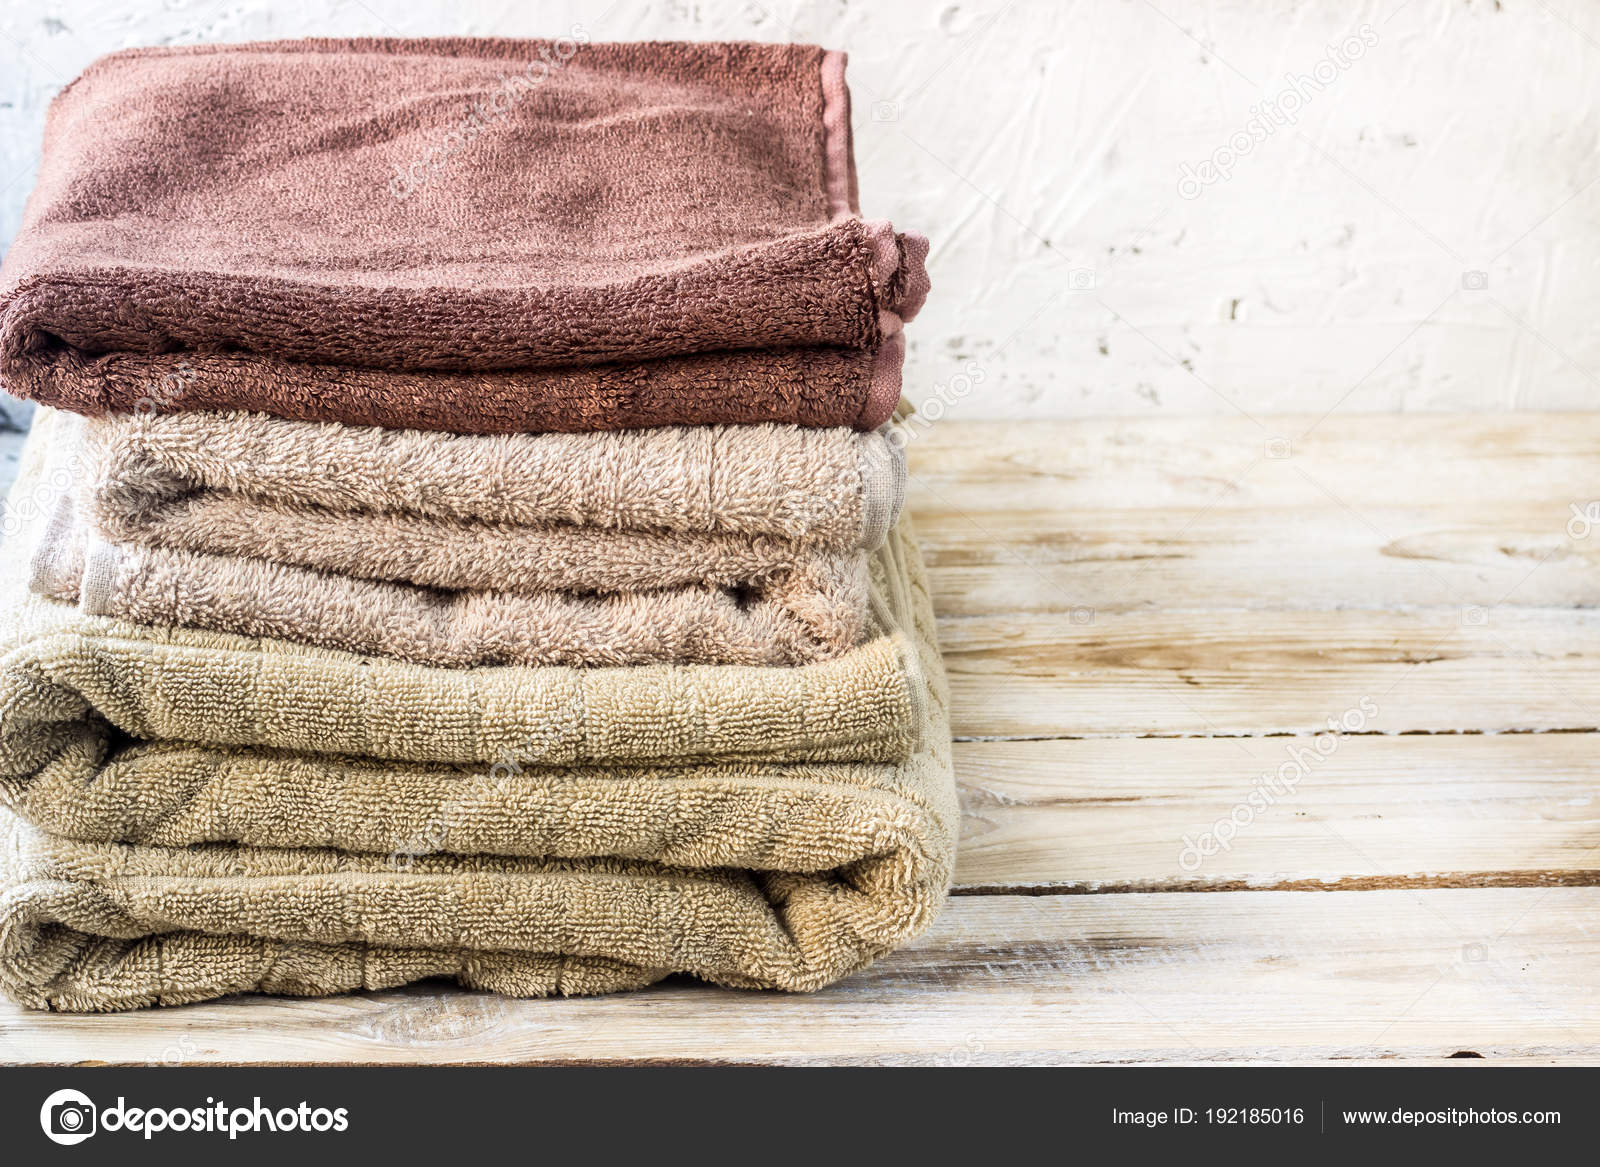 Pila di asciugamani da bagno u2014 foto stock © juliamikhaylova #192185016